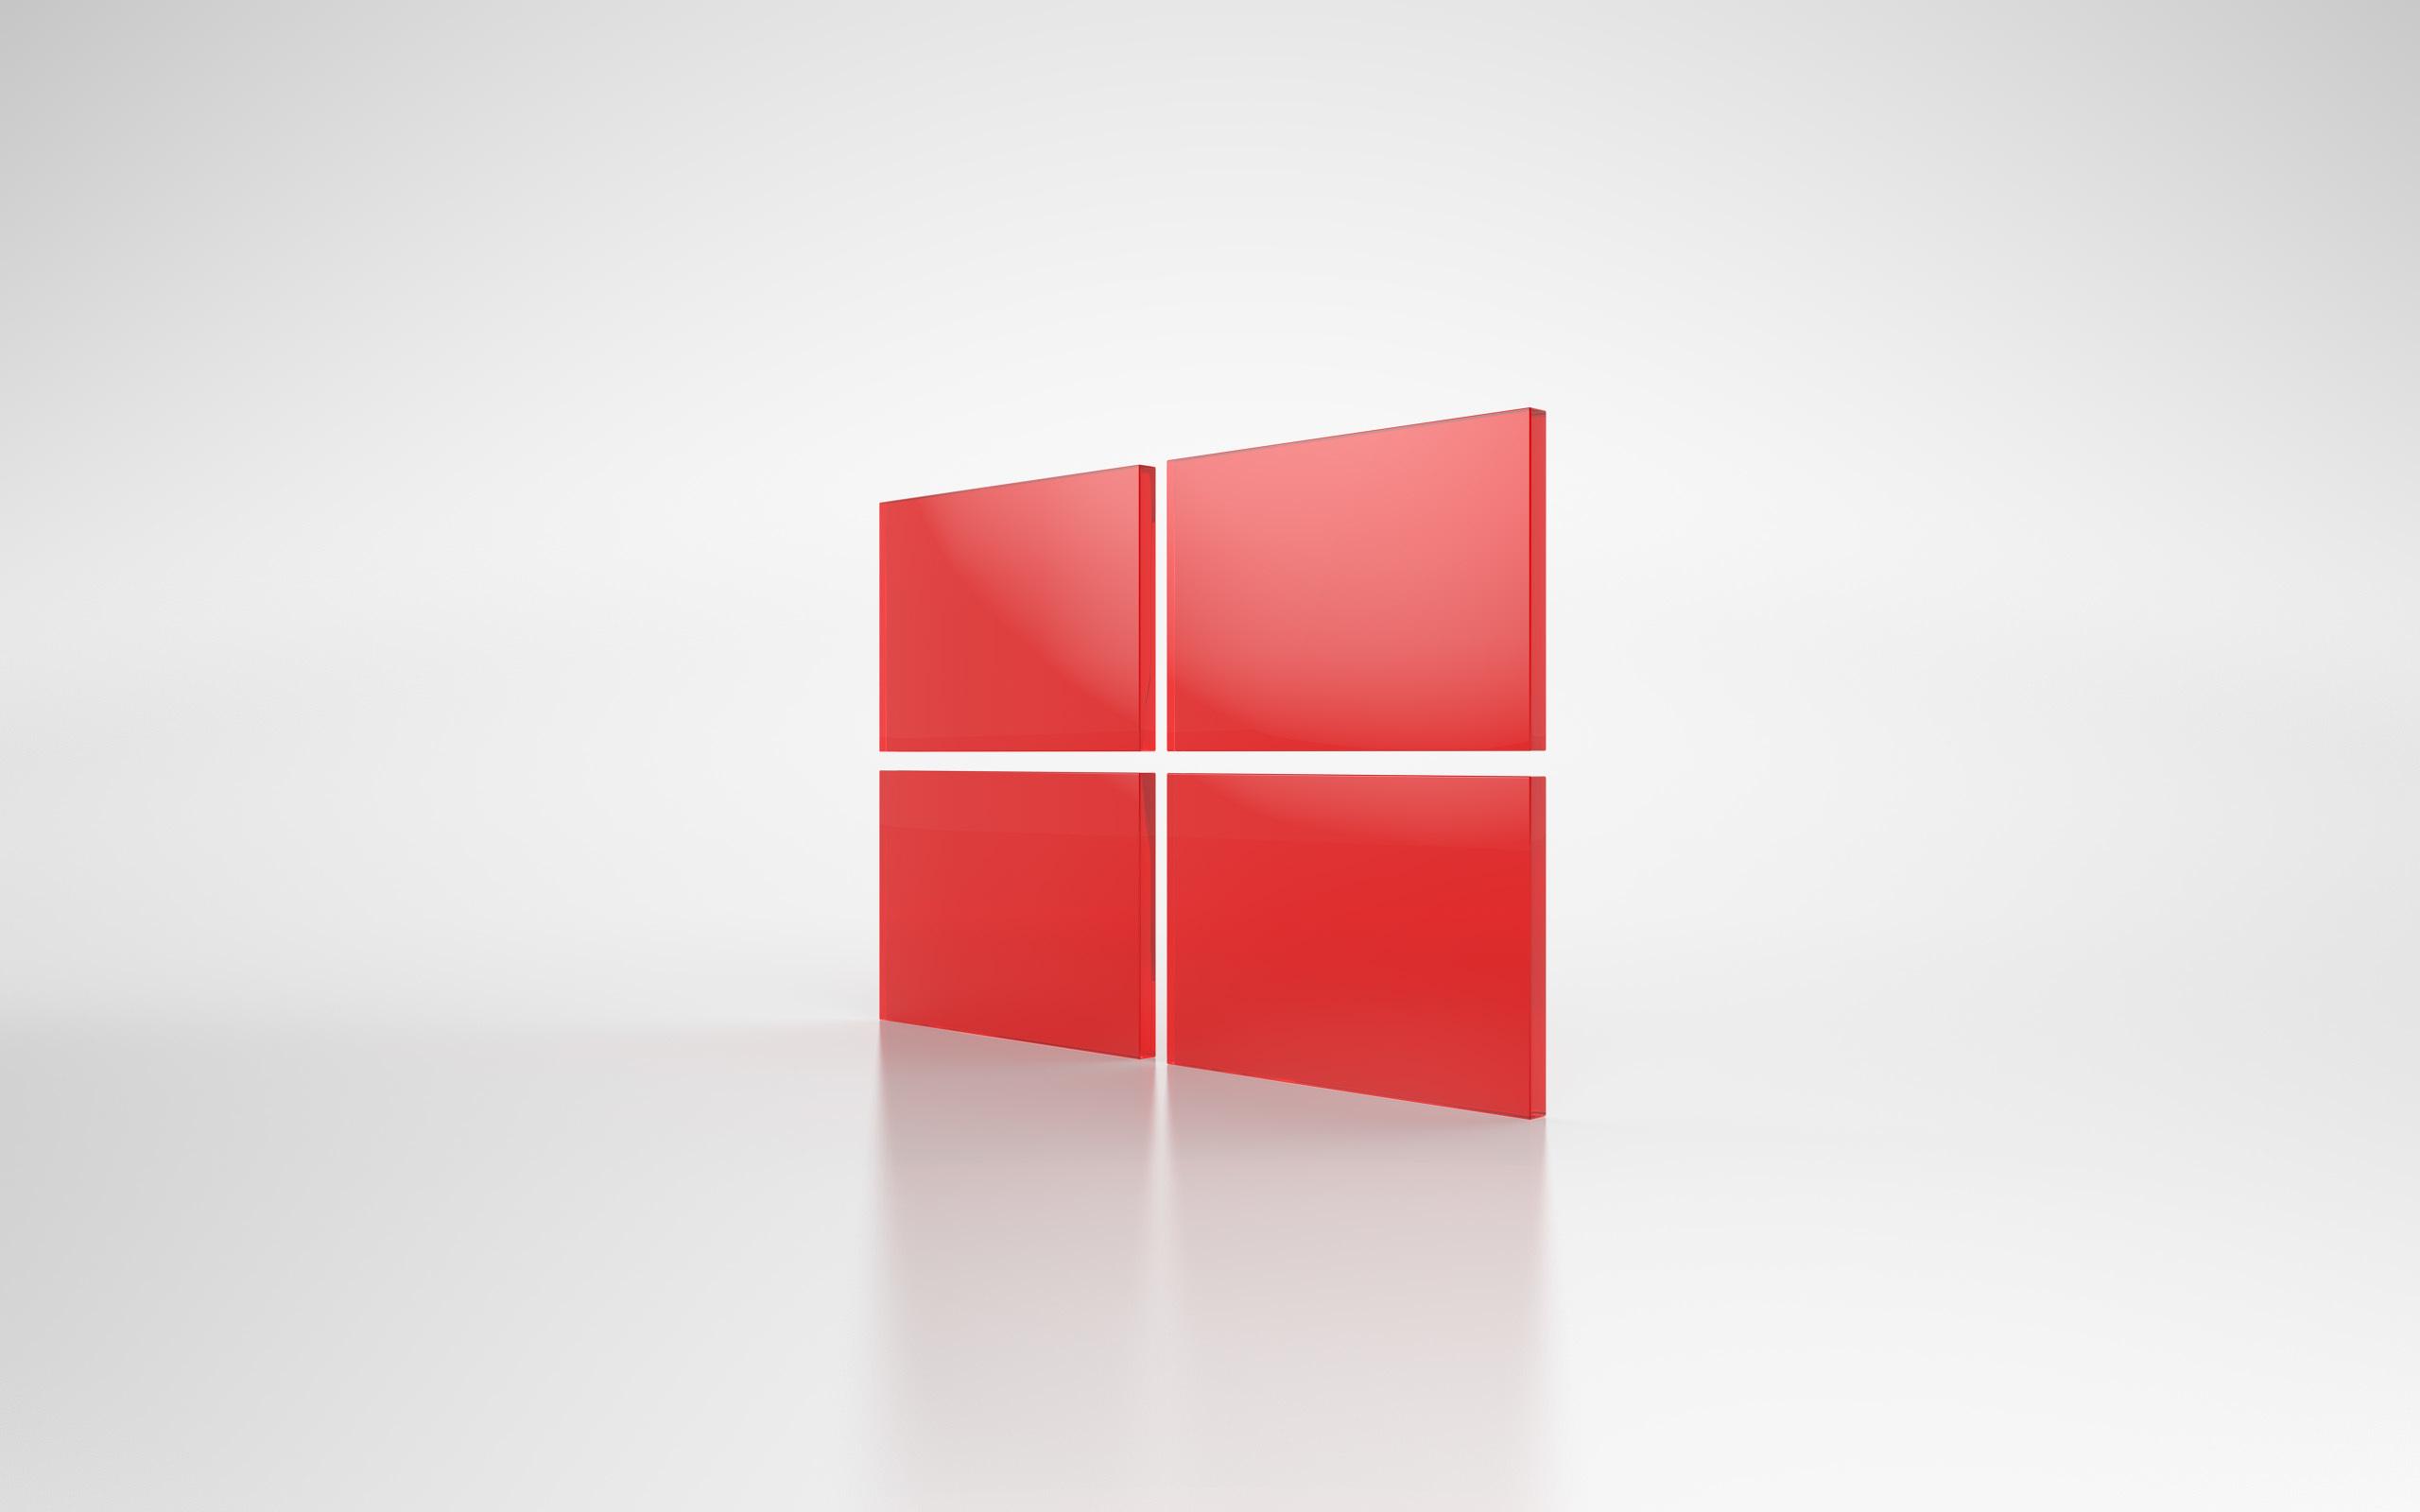 Wallpaper ilustrasi merah logo desain grafis bendera komputer ilustrasi merah logo desain grafis bendera komputer lingkaran sistem operasi merek empat persegi panjang jendela bentuk ccuart Gallery